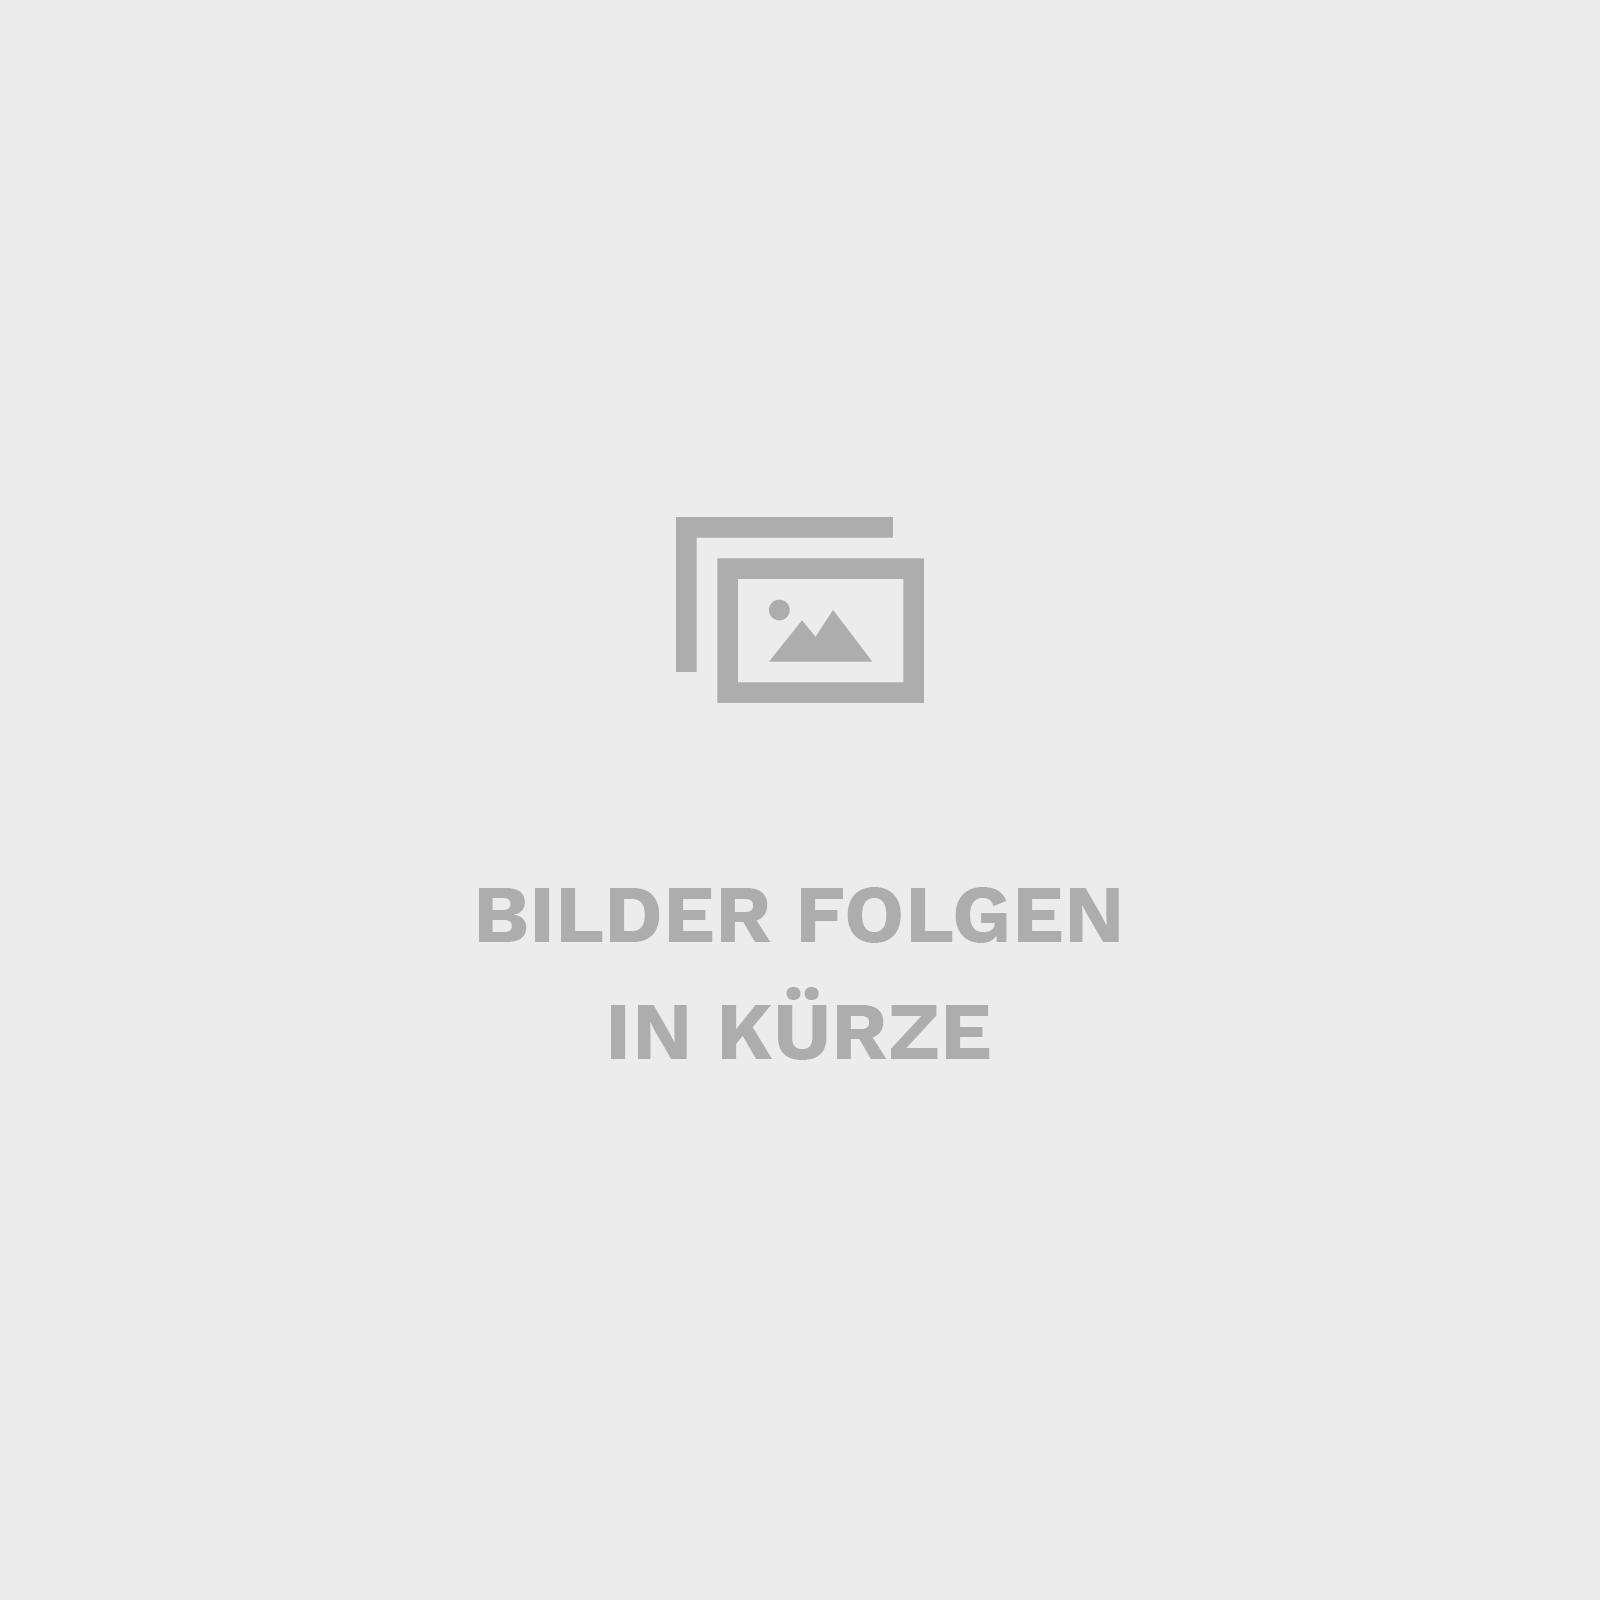 Reef Ceiling als Küchenbeleuchtung